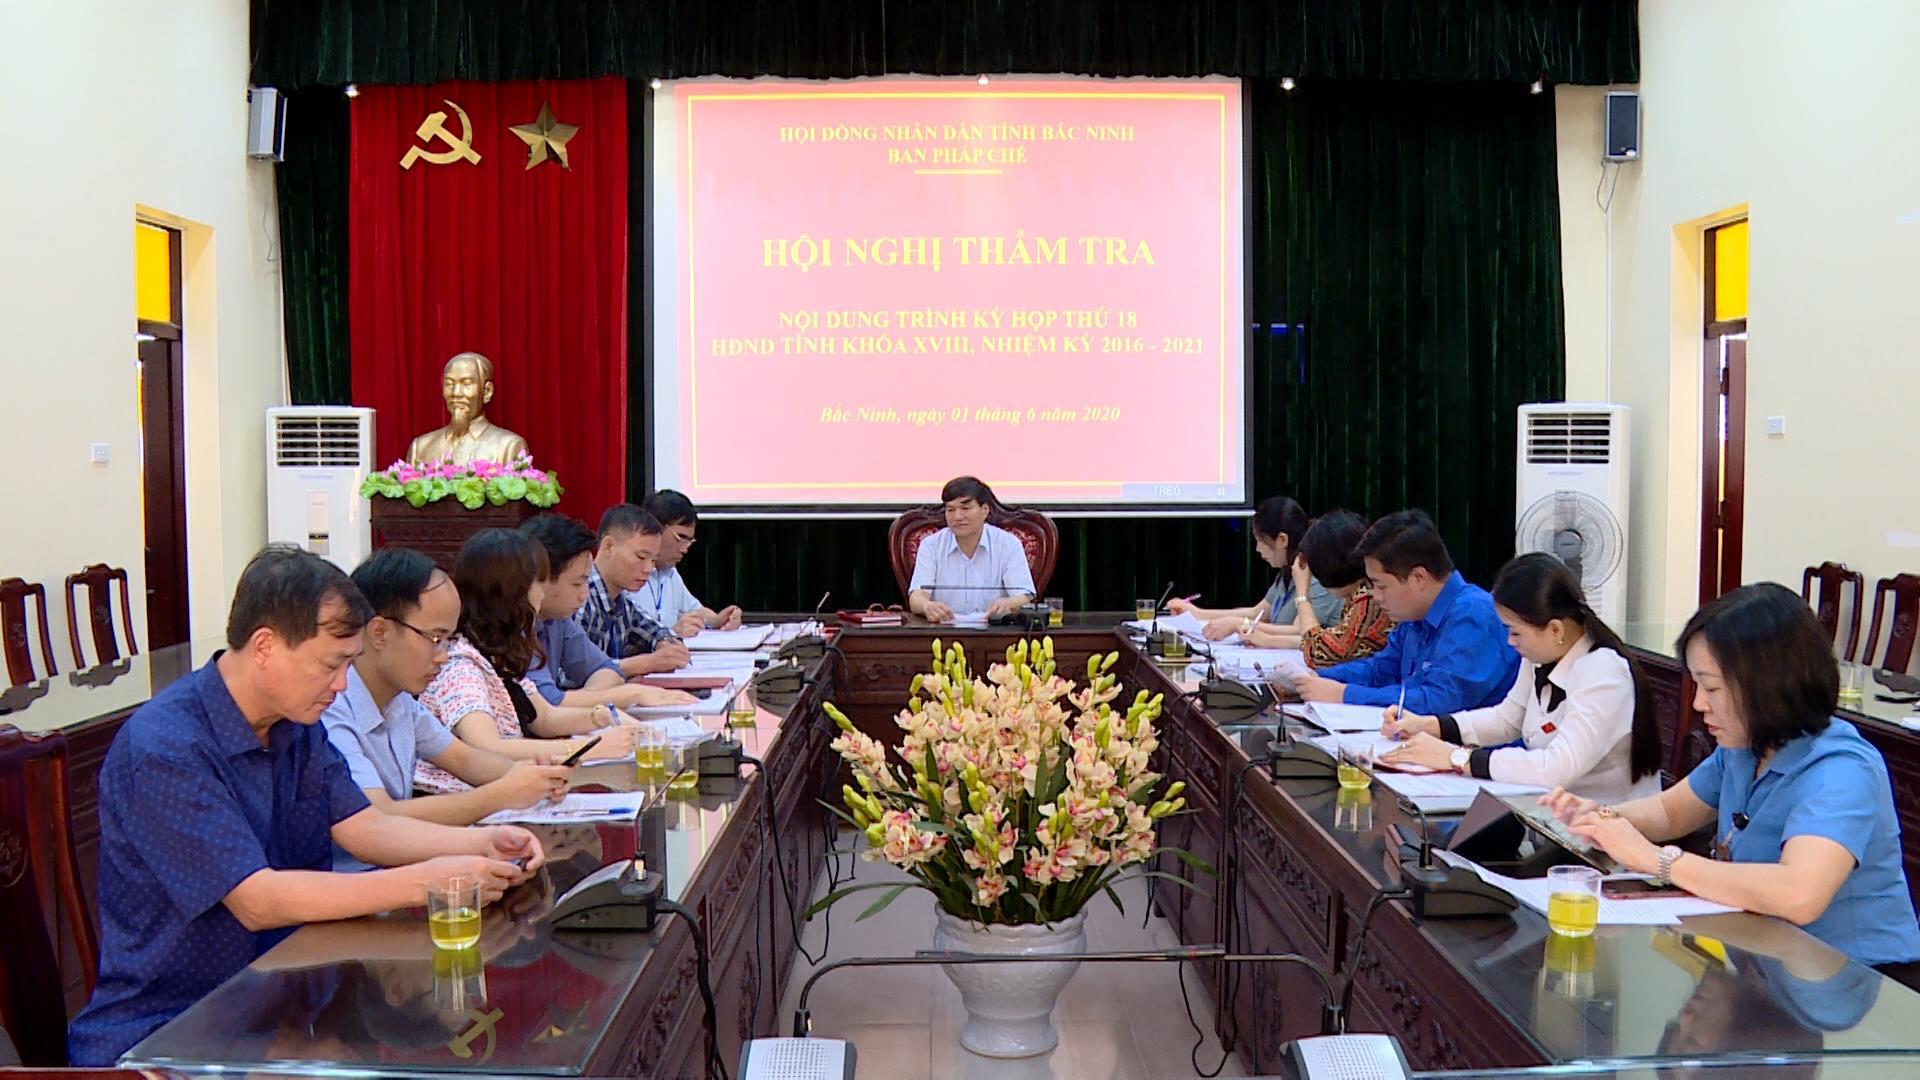 Ban Pháp chế HĐND tỉnh thẩm tra nội dung trình Kỳ họp thứ 18